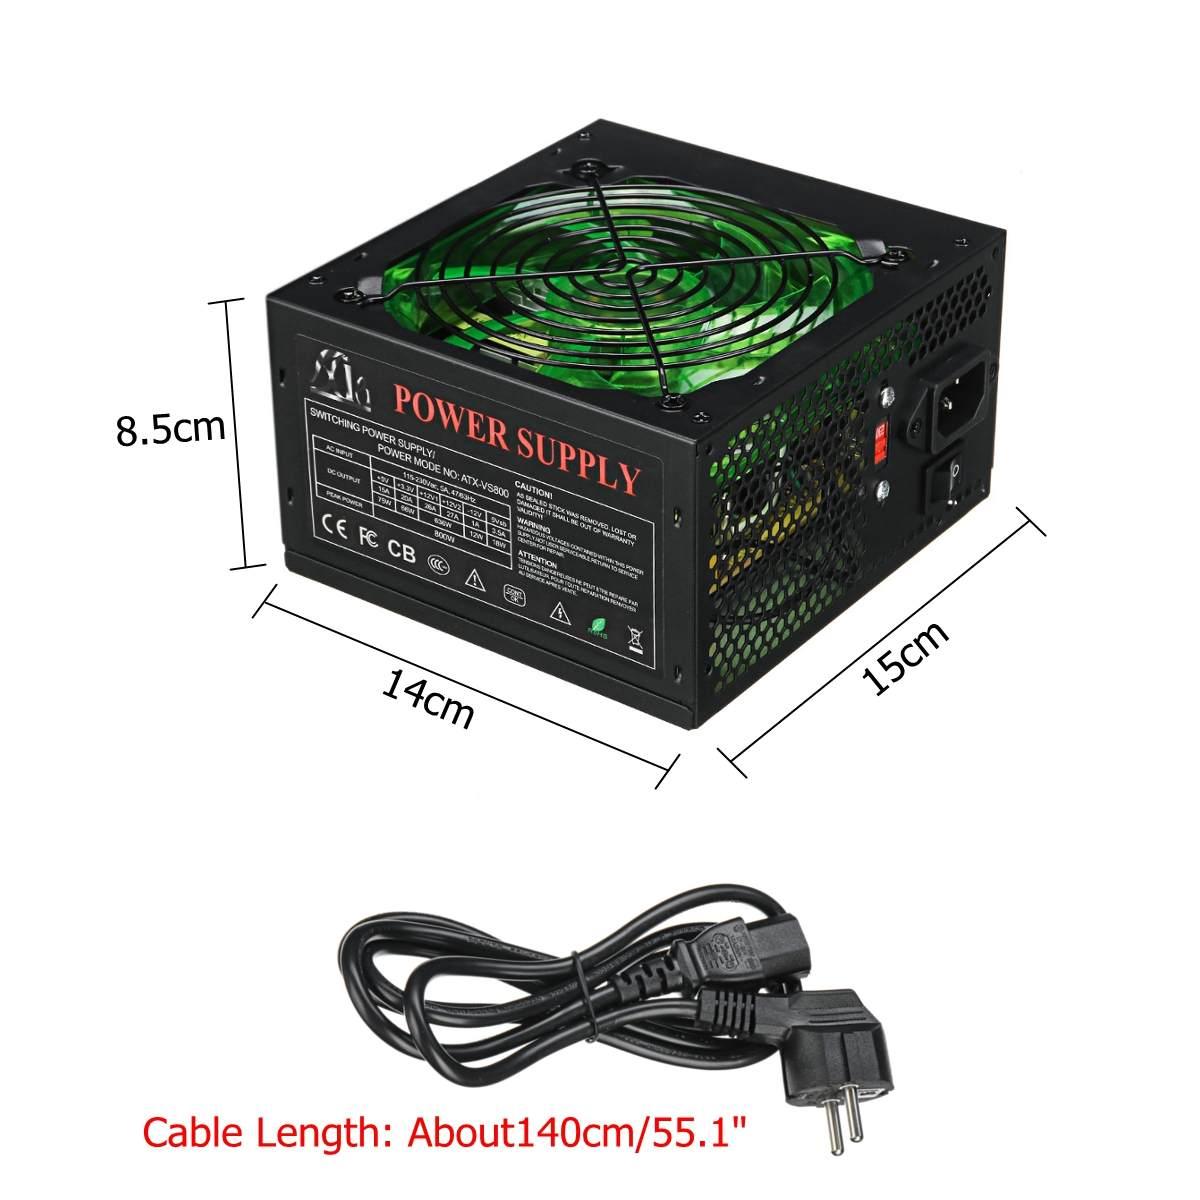 110 ~ 220V 800W PC alimentation 12cm LED ventilateur silencieux avec contrôle de température Intelligent Intel AMD ATX 12V pour ordinateur de bureau - 4